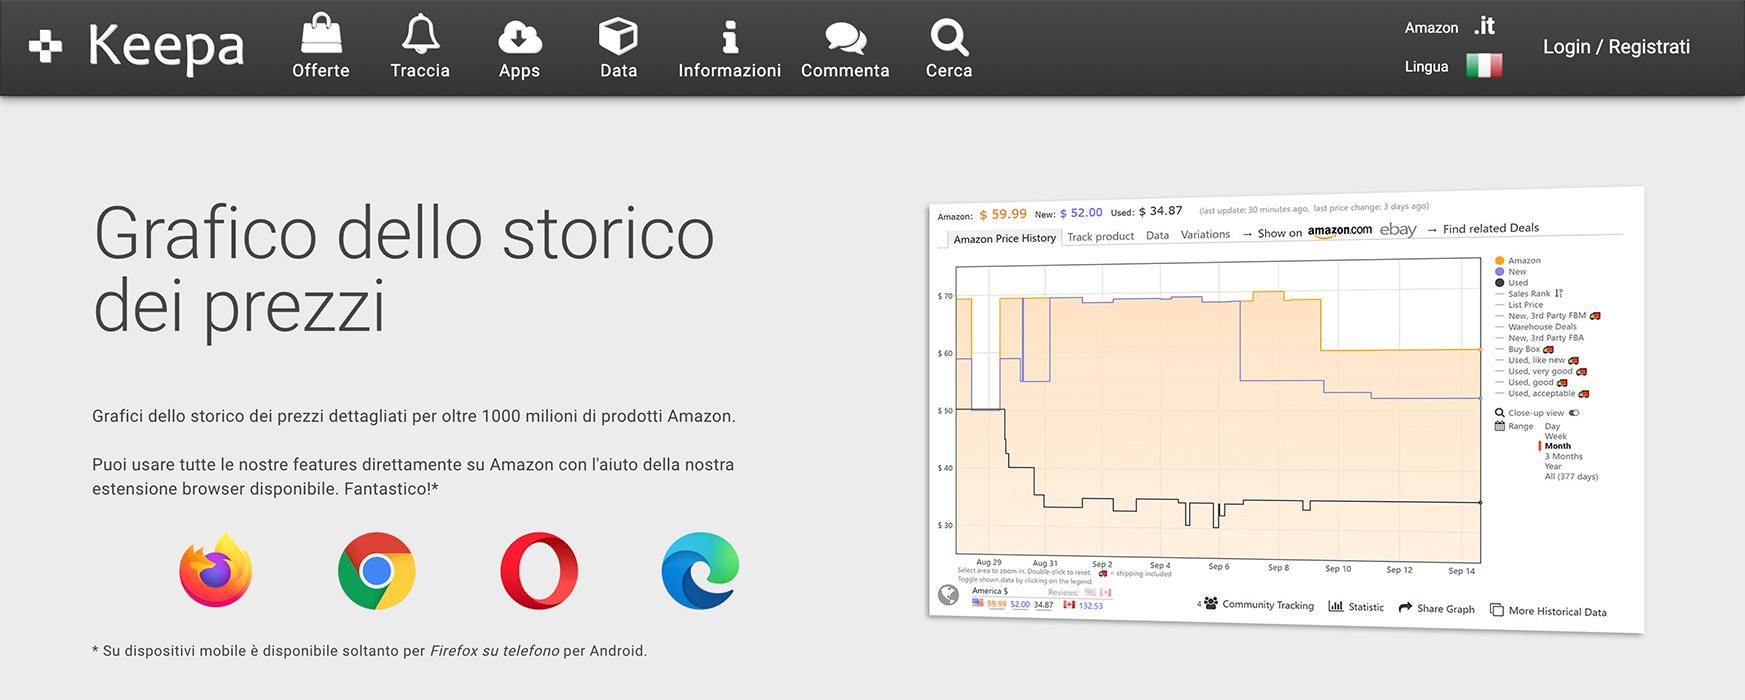 Come Monitorare i Prezzi su Amazon